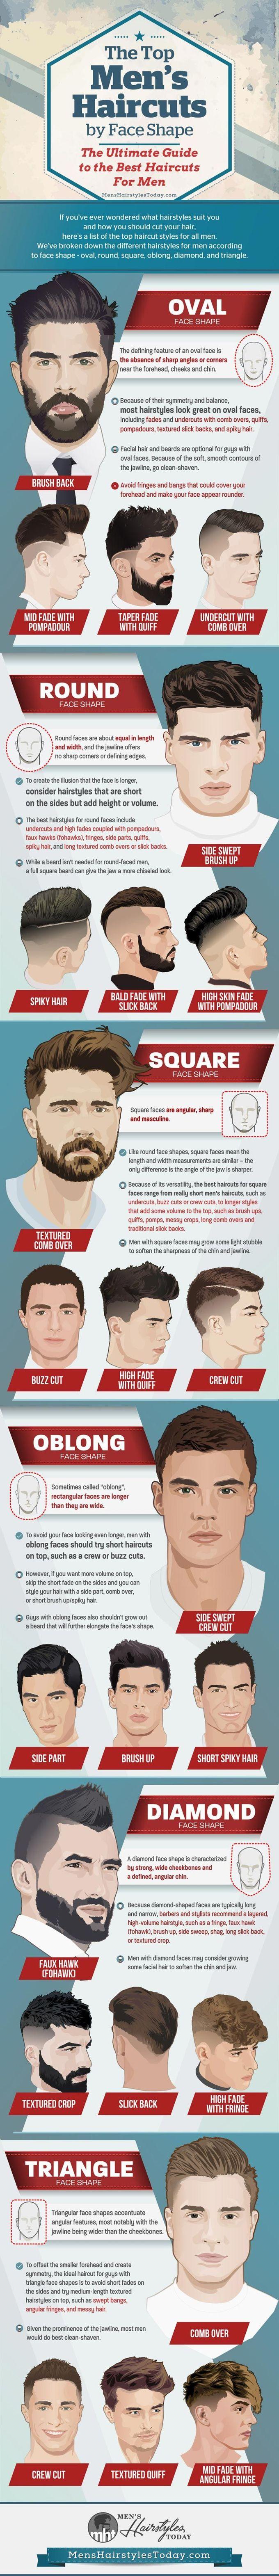 适合男士的最佳发型 - 男士理发的终极指南(淡化,底切,蓬巴杜,侧面部分,梳理,夸张和尖尖的头发)